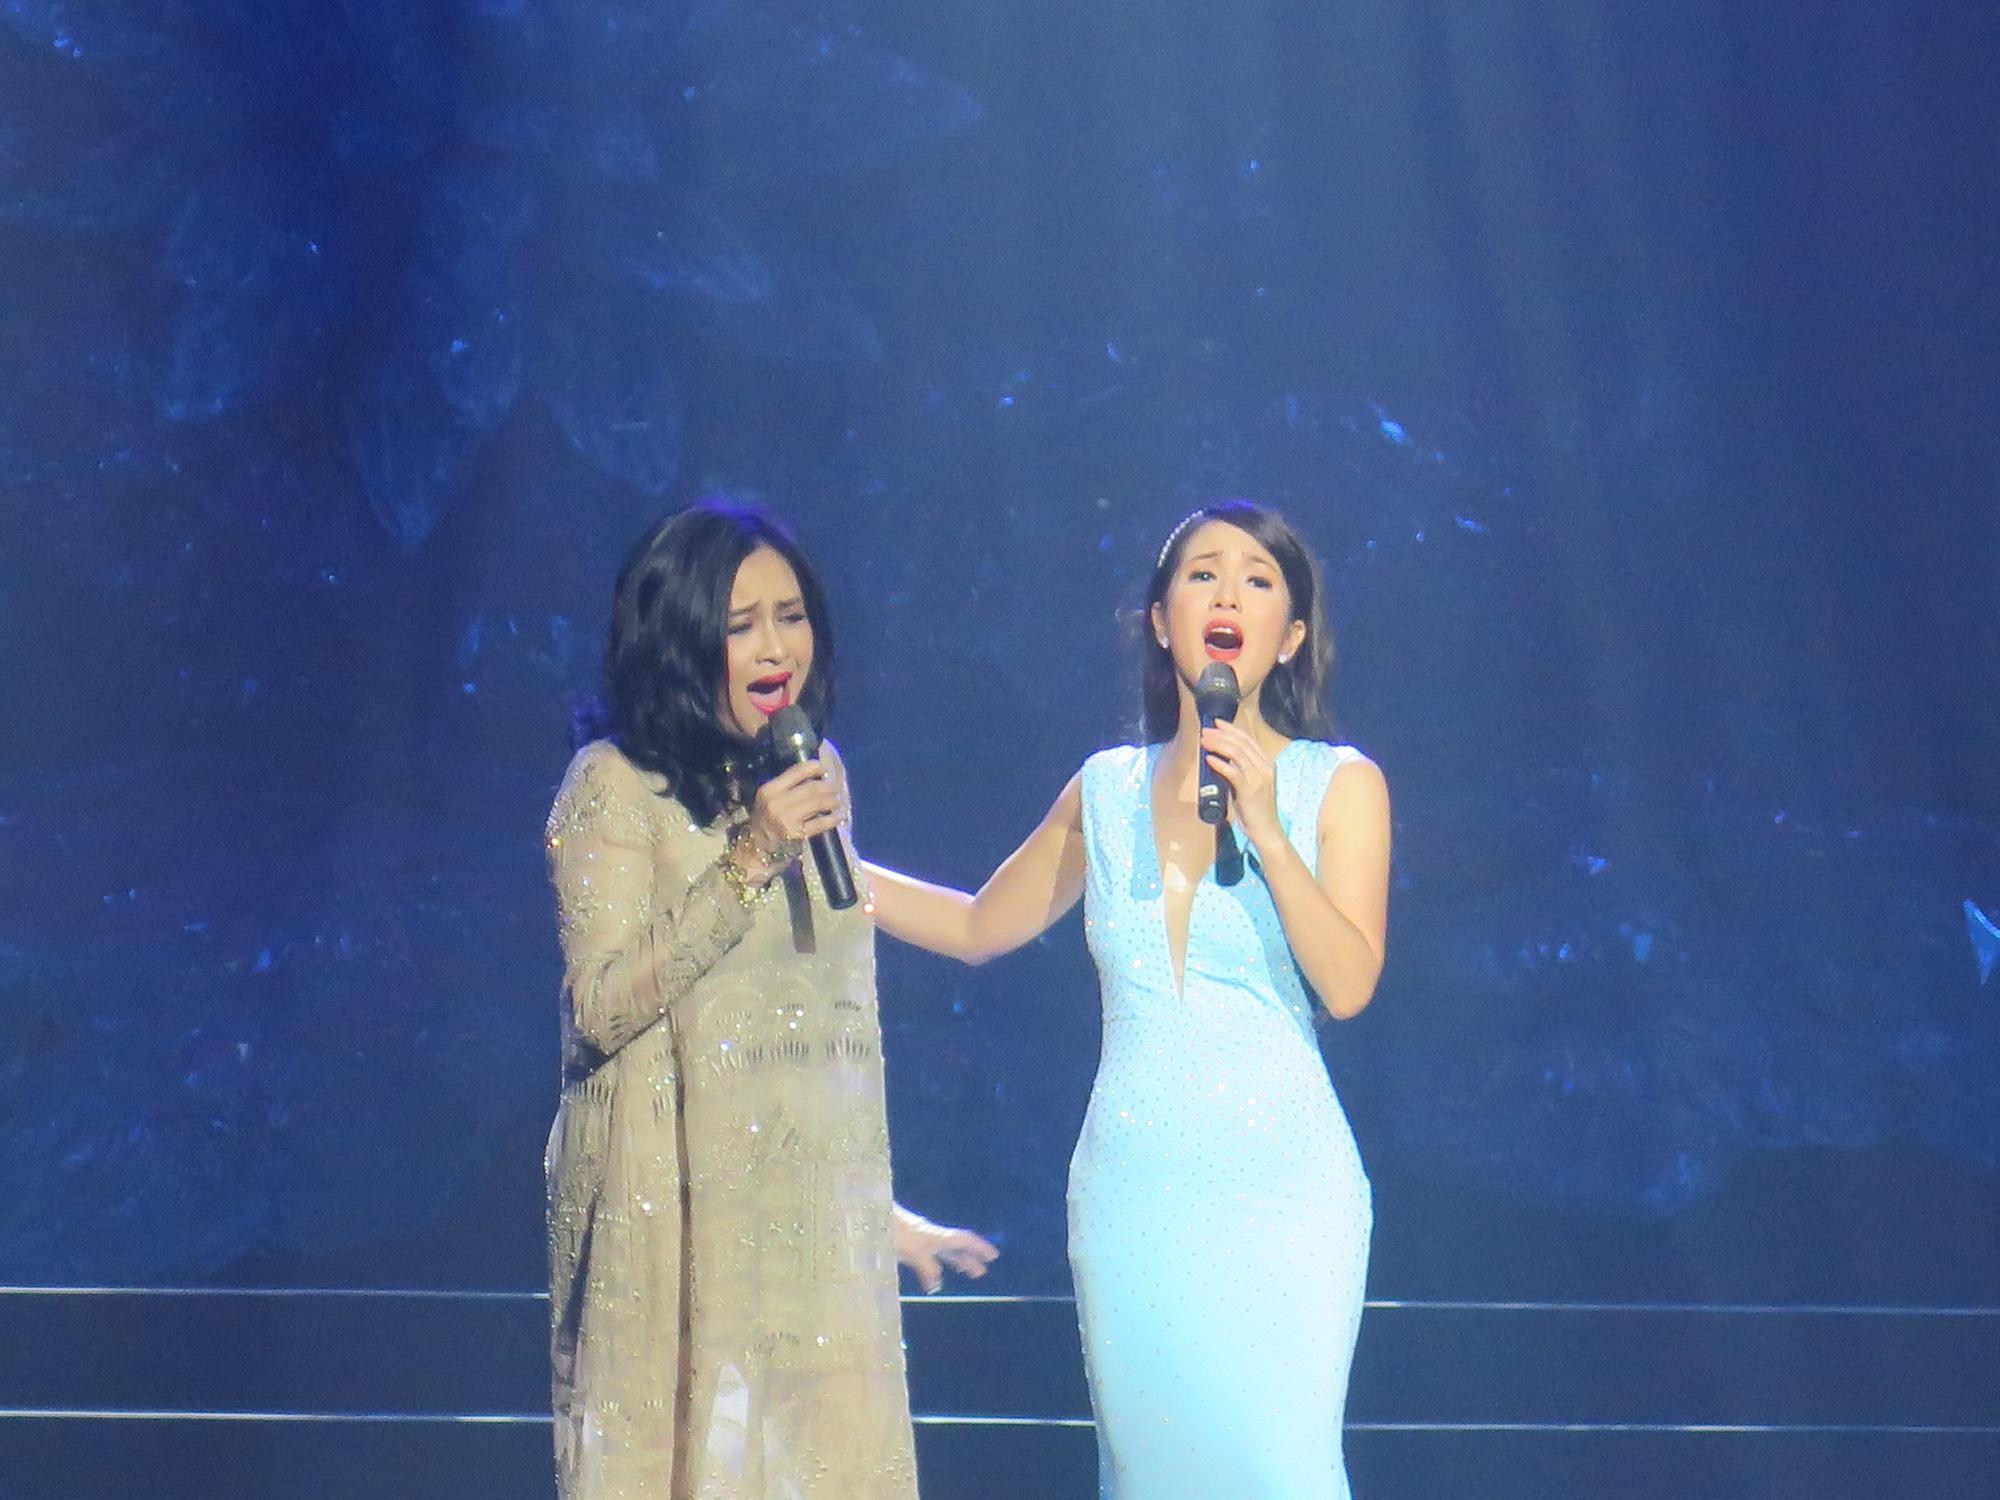 """Hồng Nhung, Thanh Lam, Cẩm Vân... tham gia đêm nhạc """"Nối vòng tay lớn"""" - Ảnh 1."""